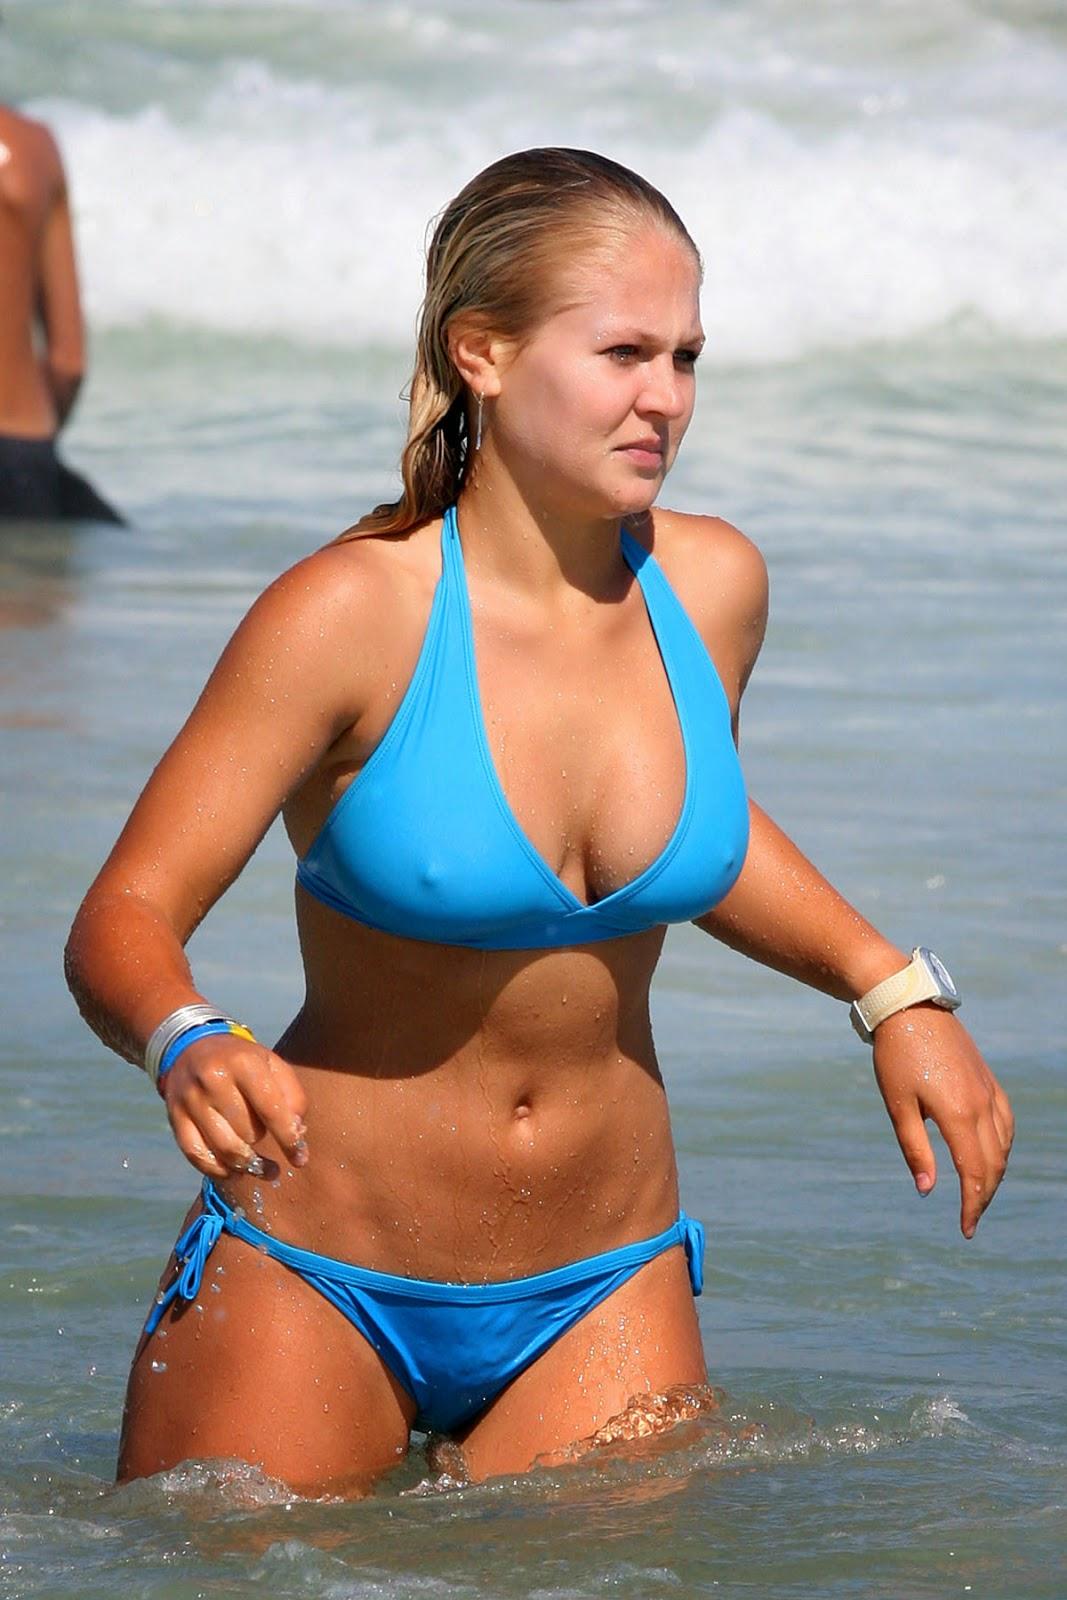 Фото на пляже торчат соски из купальника